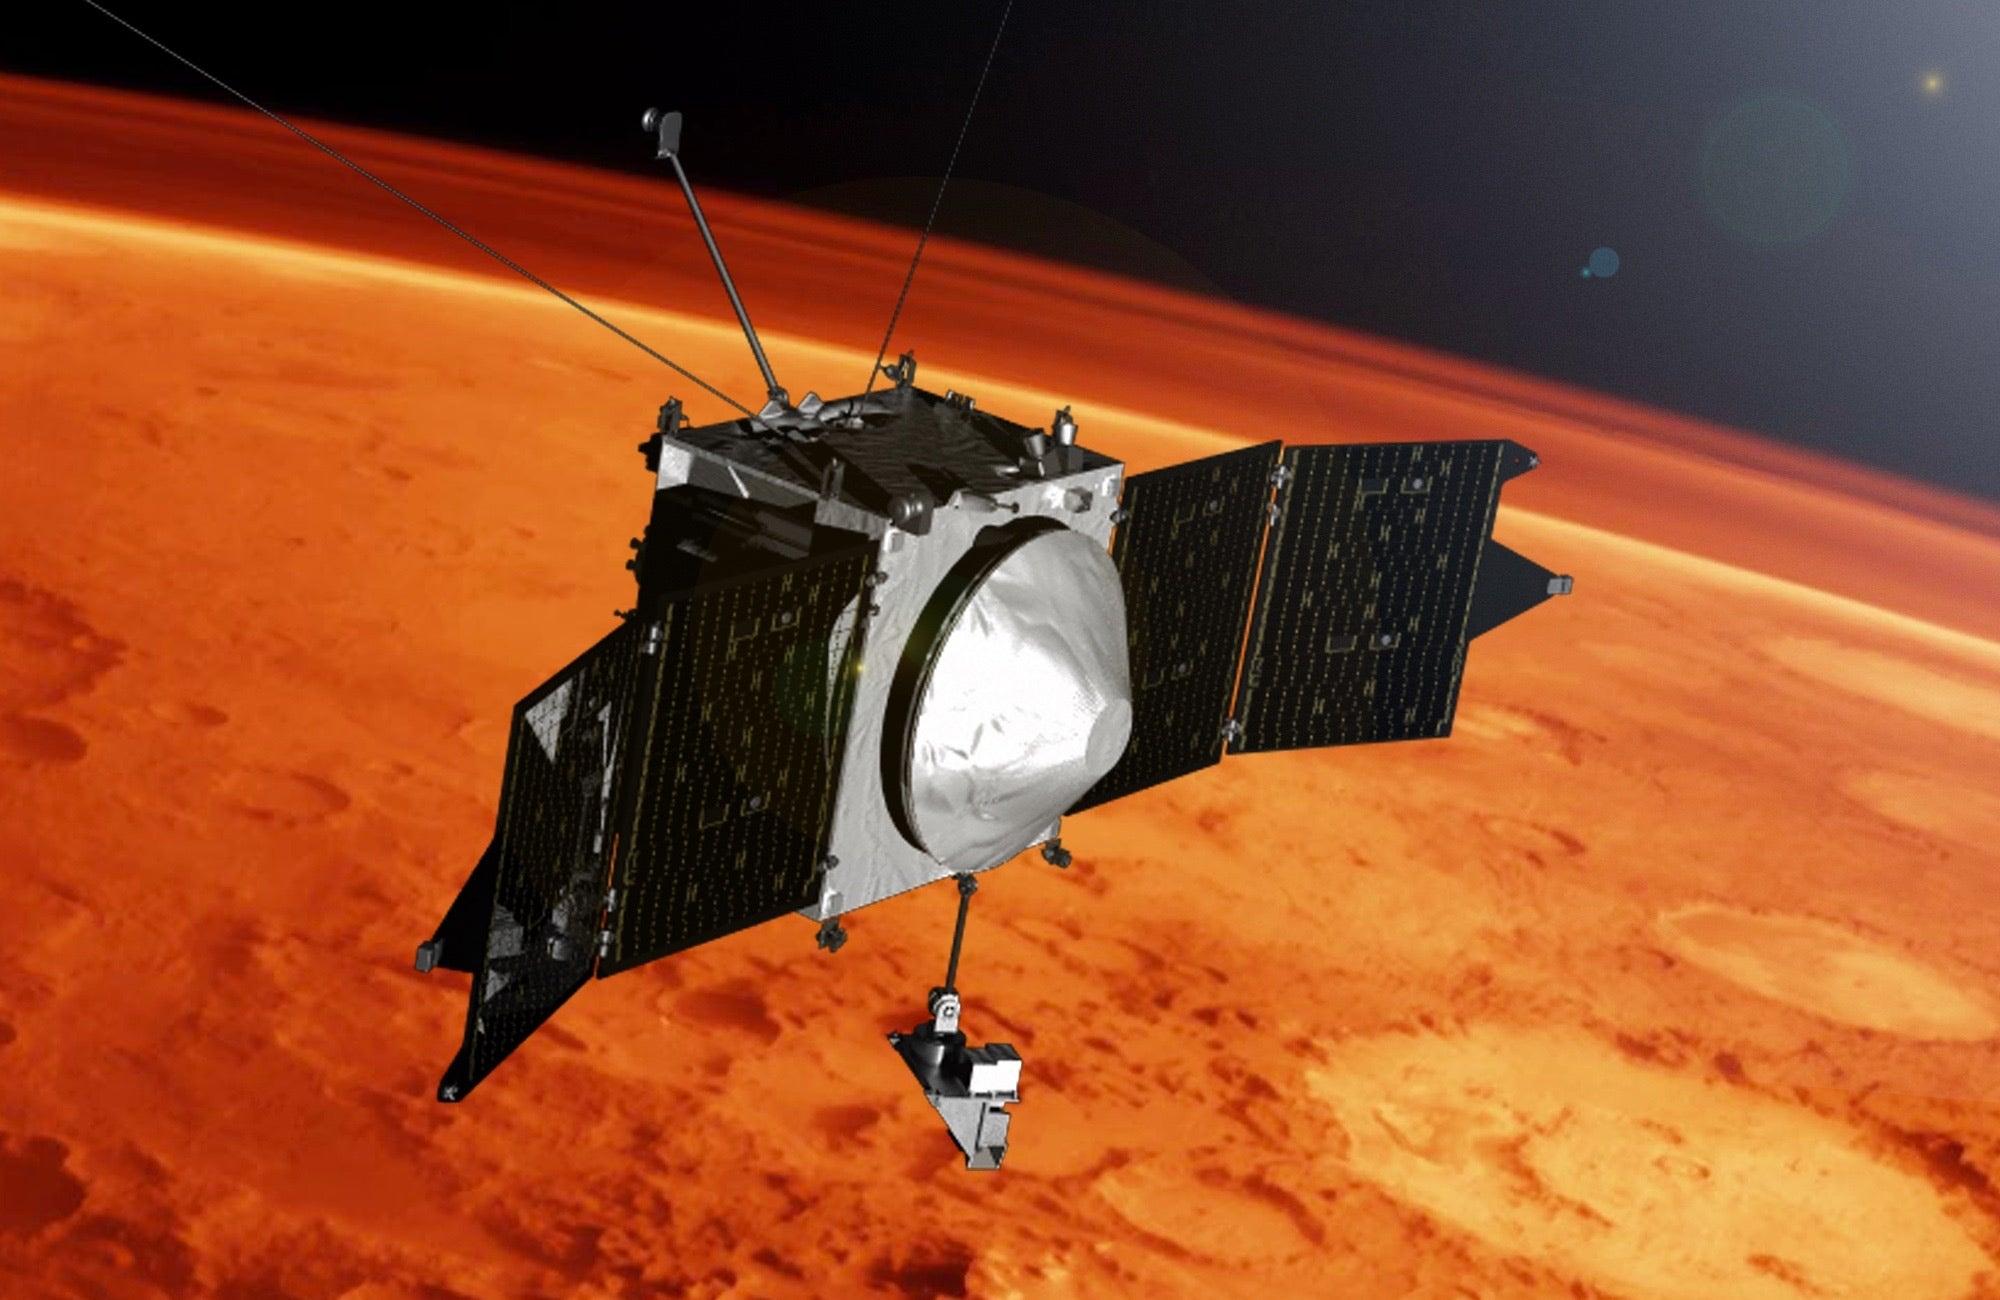 Metal detected in Mars' atmosphere